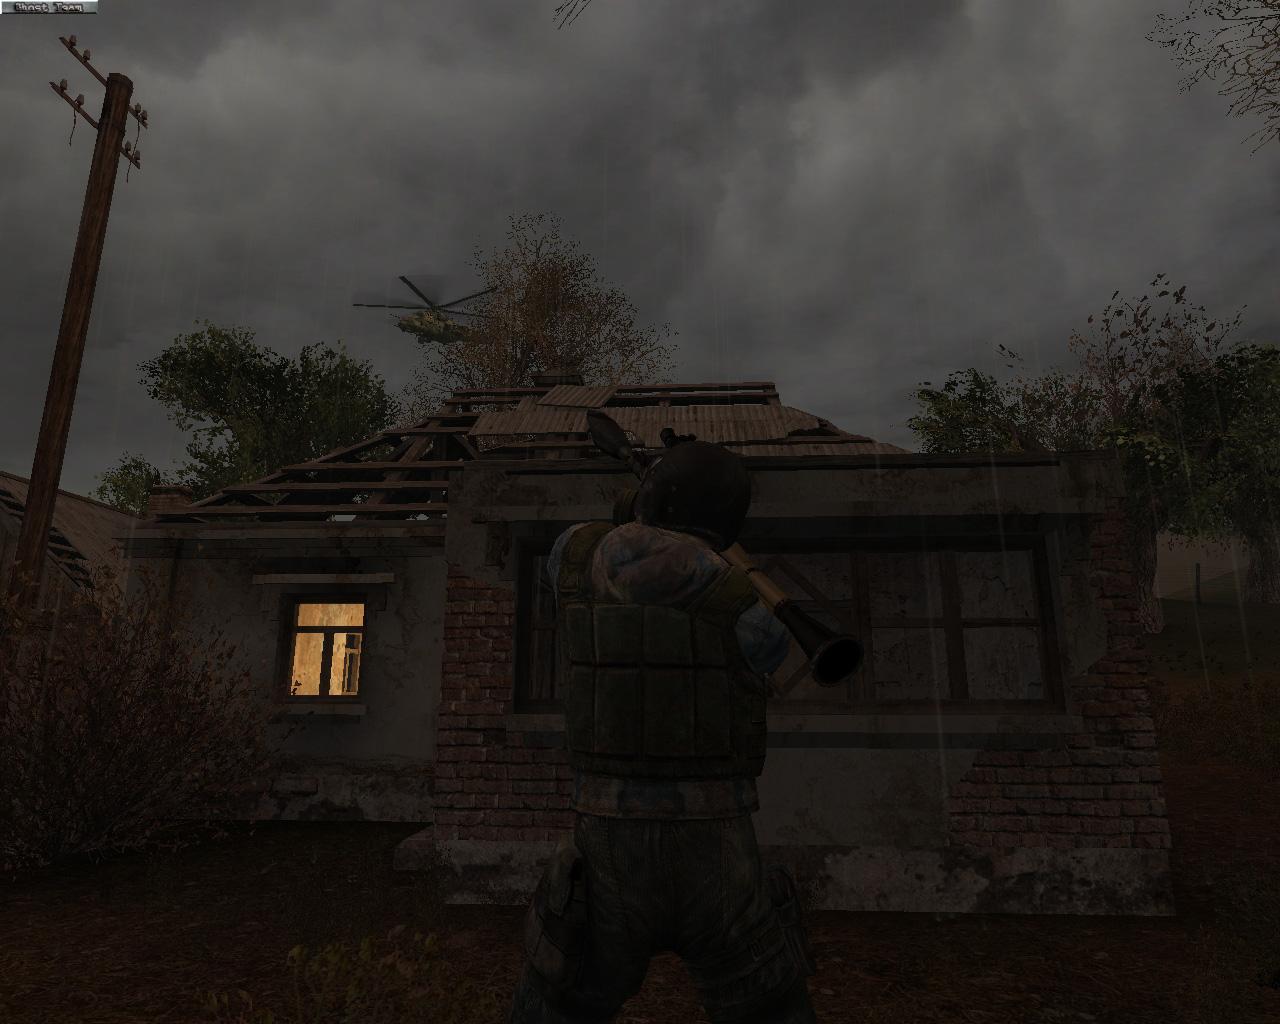 Stalker CS 'Clear shot' ver 13.0 final